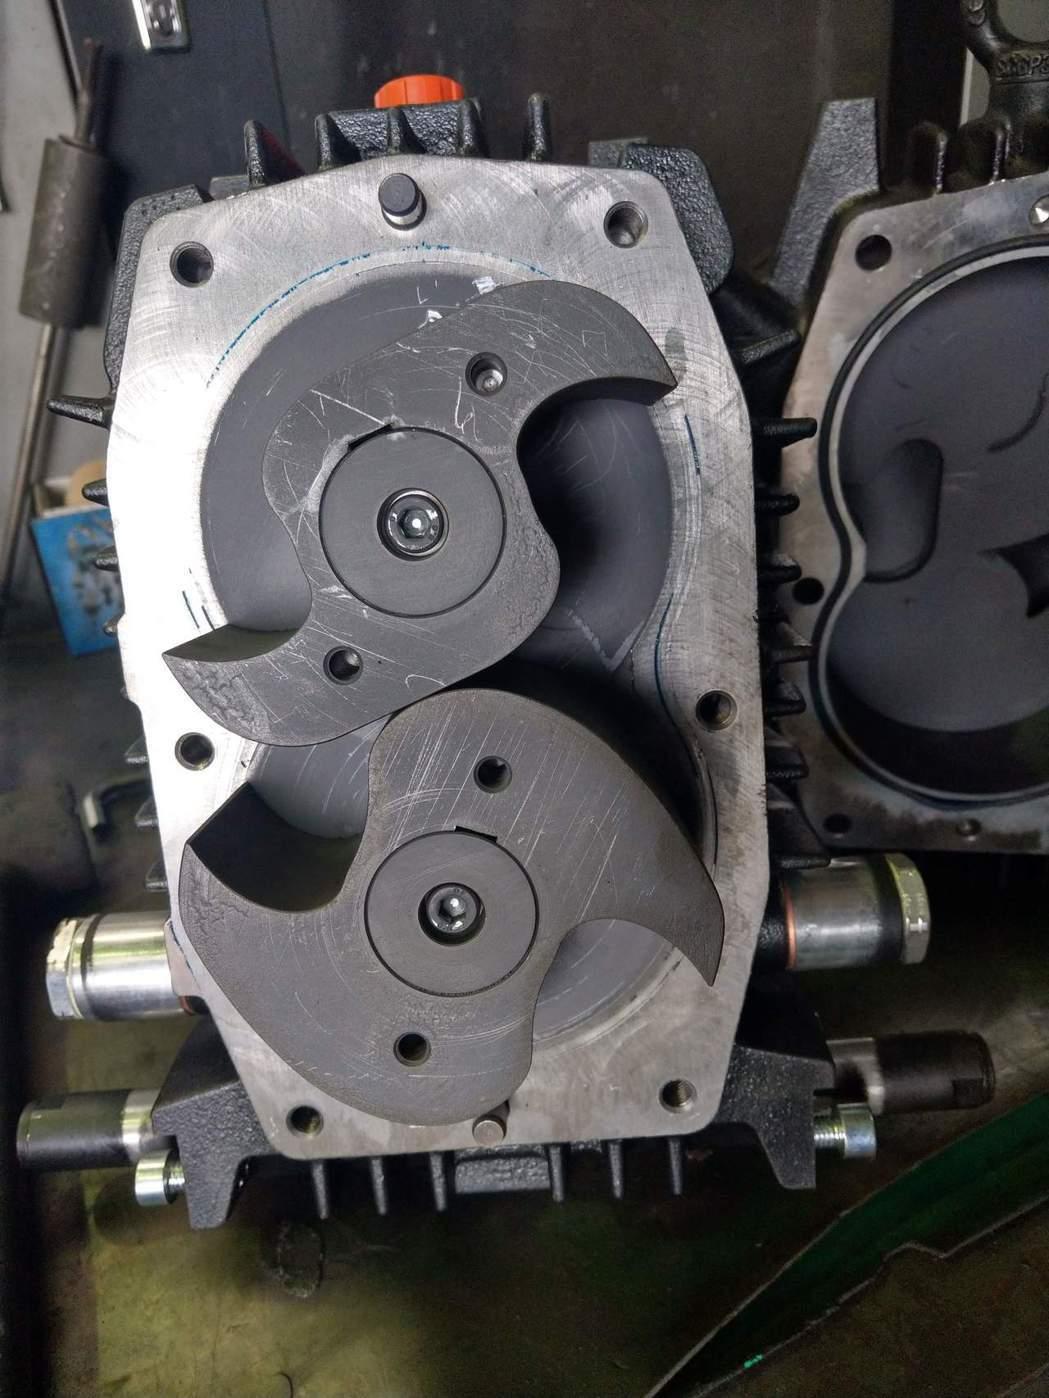 黑偉機械自力開發的「爪式壓縮機」,以1~2kg/c㎡的高壓輸送方式可達10米以上...